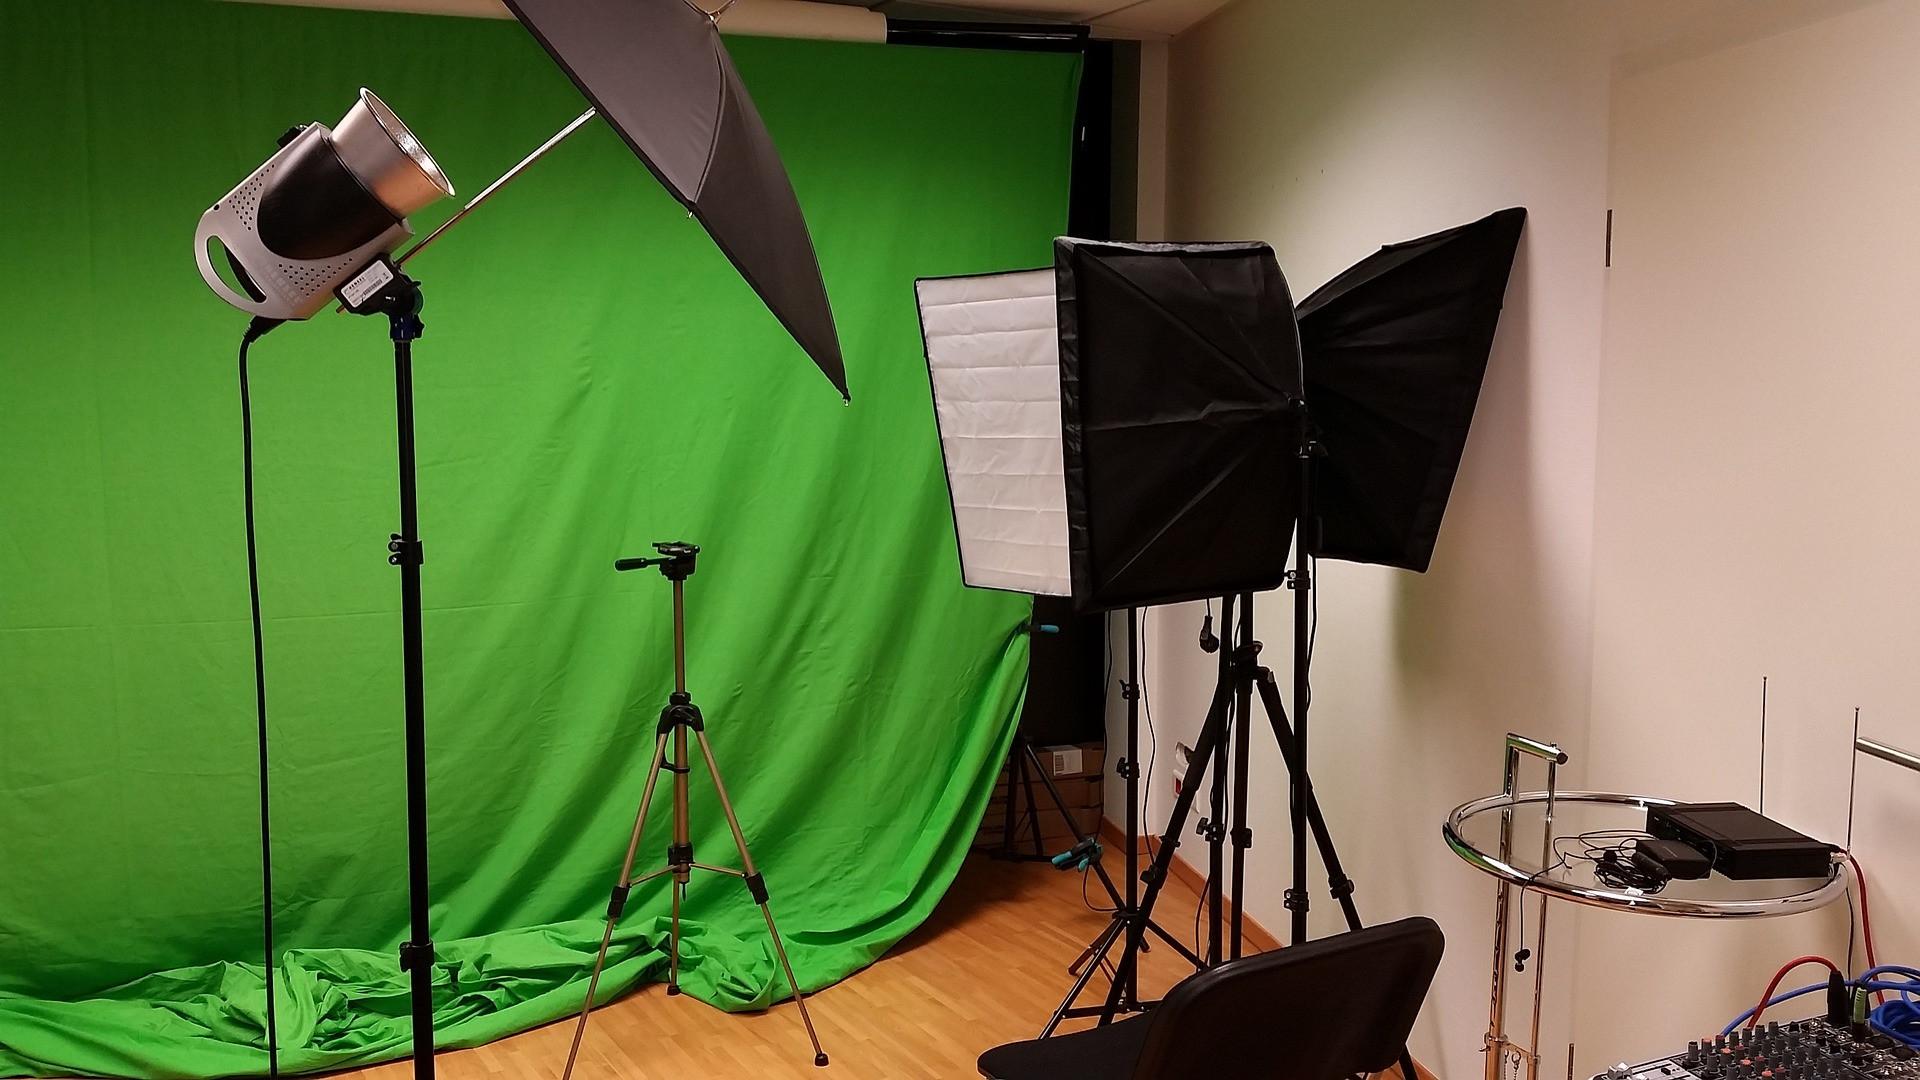 photo-studio-2423995_1920